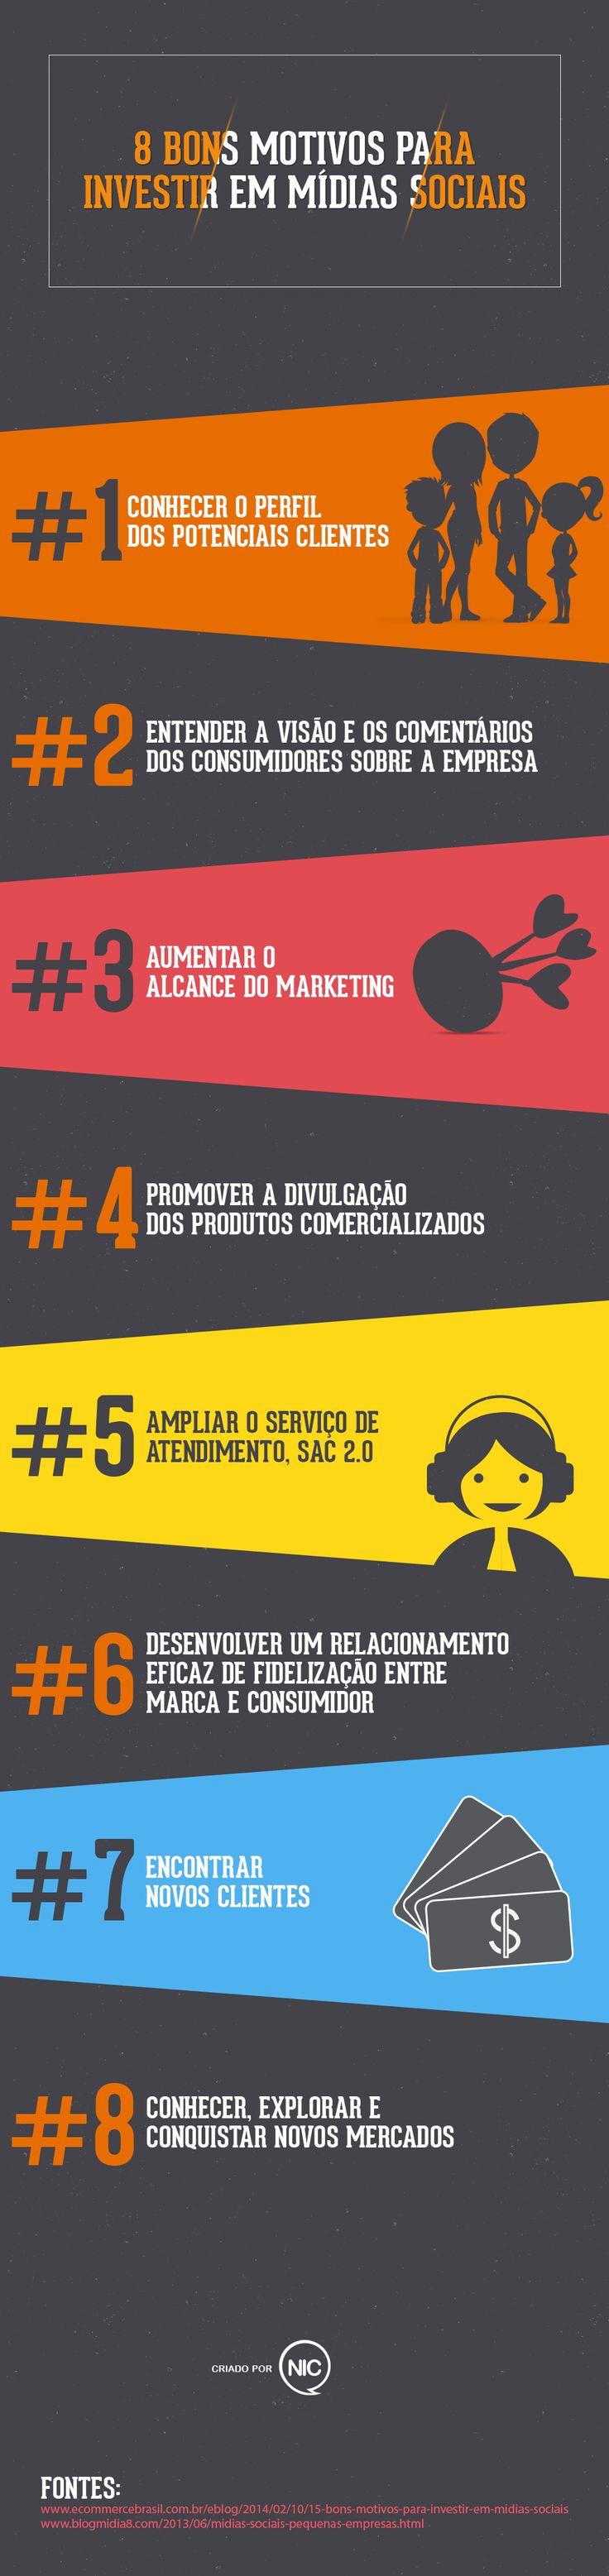 Indicação de 8 bons motivos para investir em mídias sociais que vão desde conhecer o perfil dos clientes até ampliar os serviços do SAC 2.0. Traçando metas de fidelização e conquistas de novos mercados.   Fontes: Ecommerce Brasil e o Blog Midia 8.